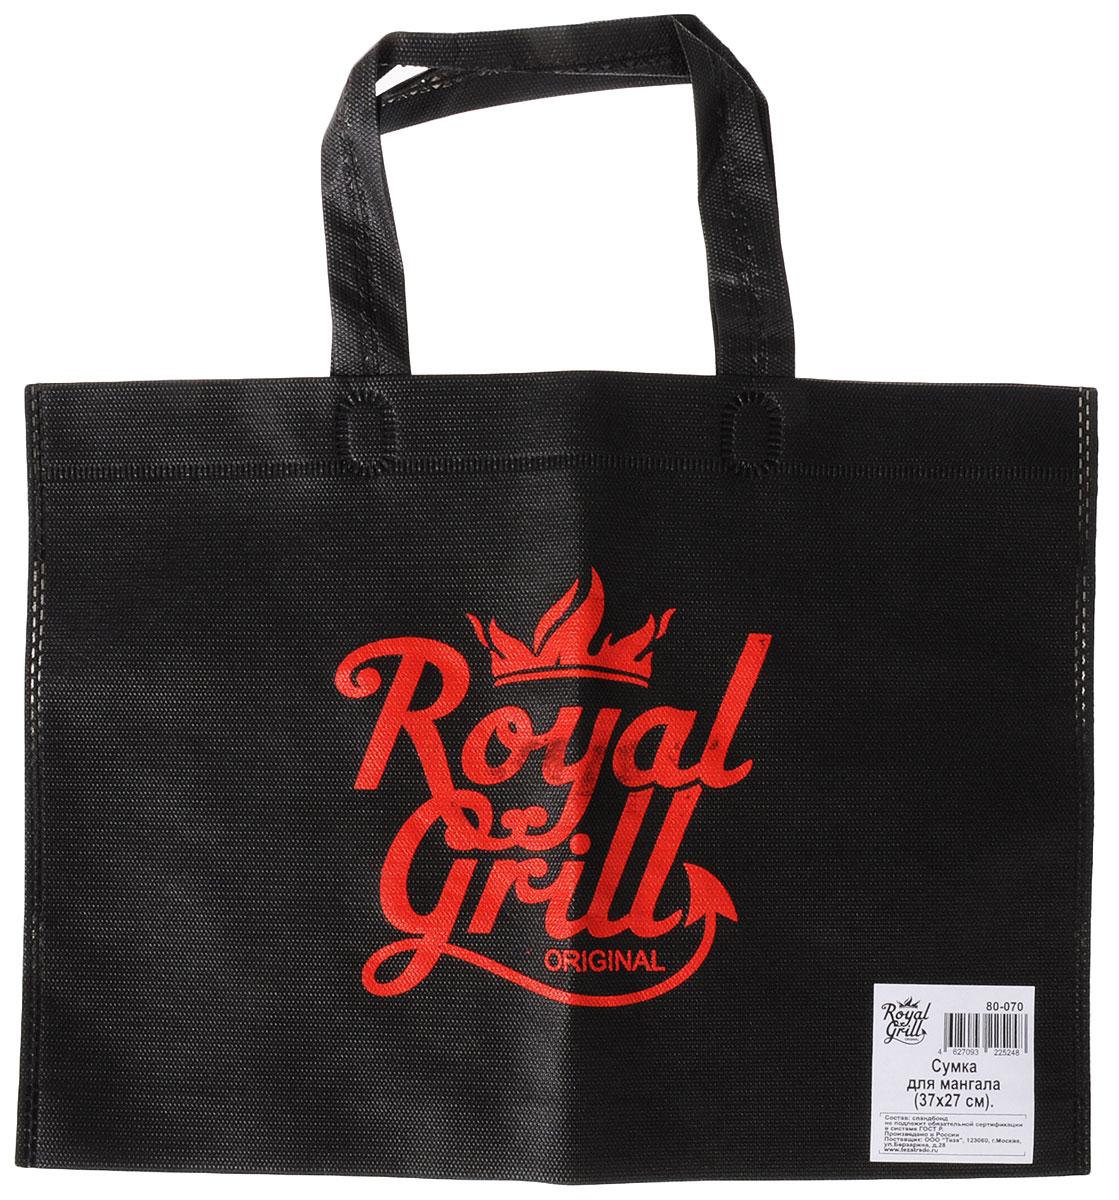 Сумка для мангала RoyalGrill, 37 х 27 см. 80-070CM000001328Сумка изготовлена из спандбонда и предназначена для переноски мангала на пикнике и в туристических походах. Изделие оснащено двумя удобными ручками. Размер сумки: 37 х 27 см. Высота ручек: 13 см.